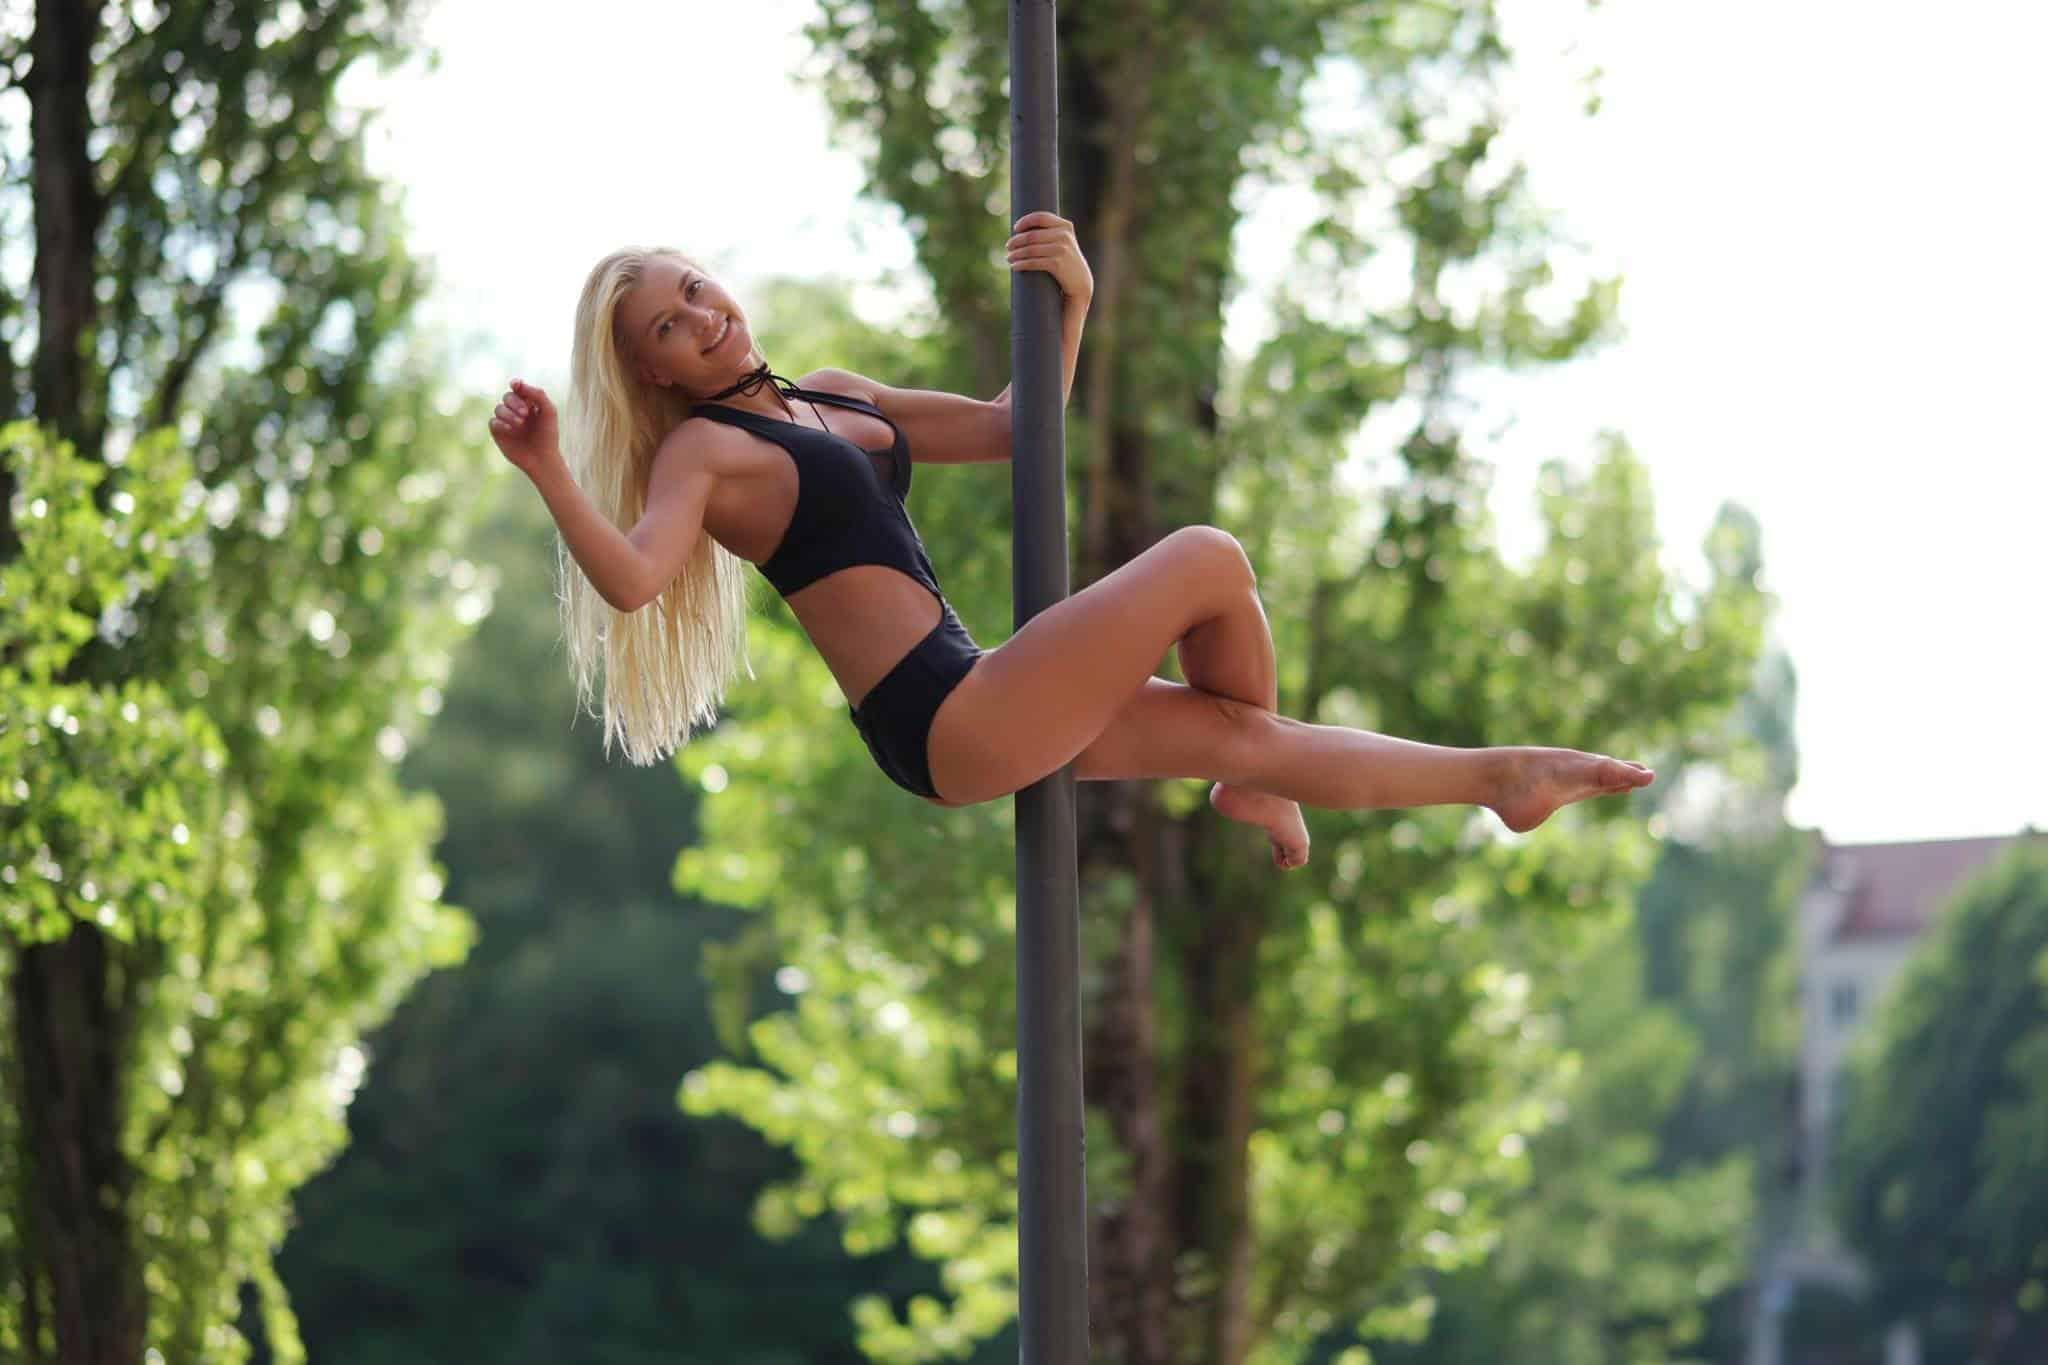 Poledance Kleidung: Test & Empfehlungen (03/20)